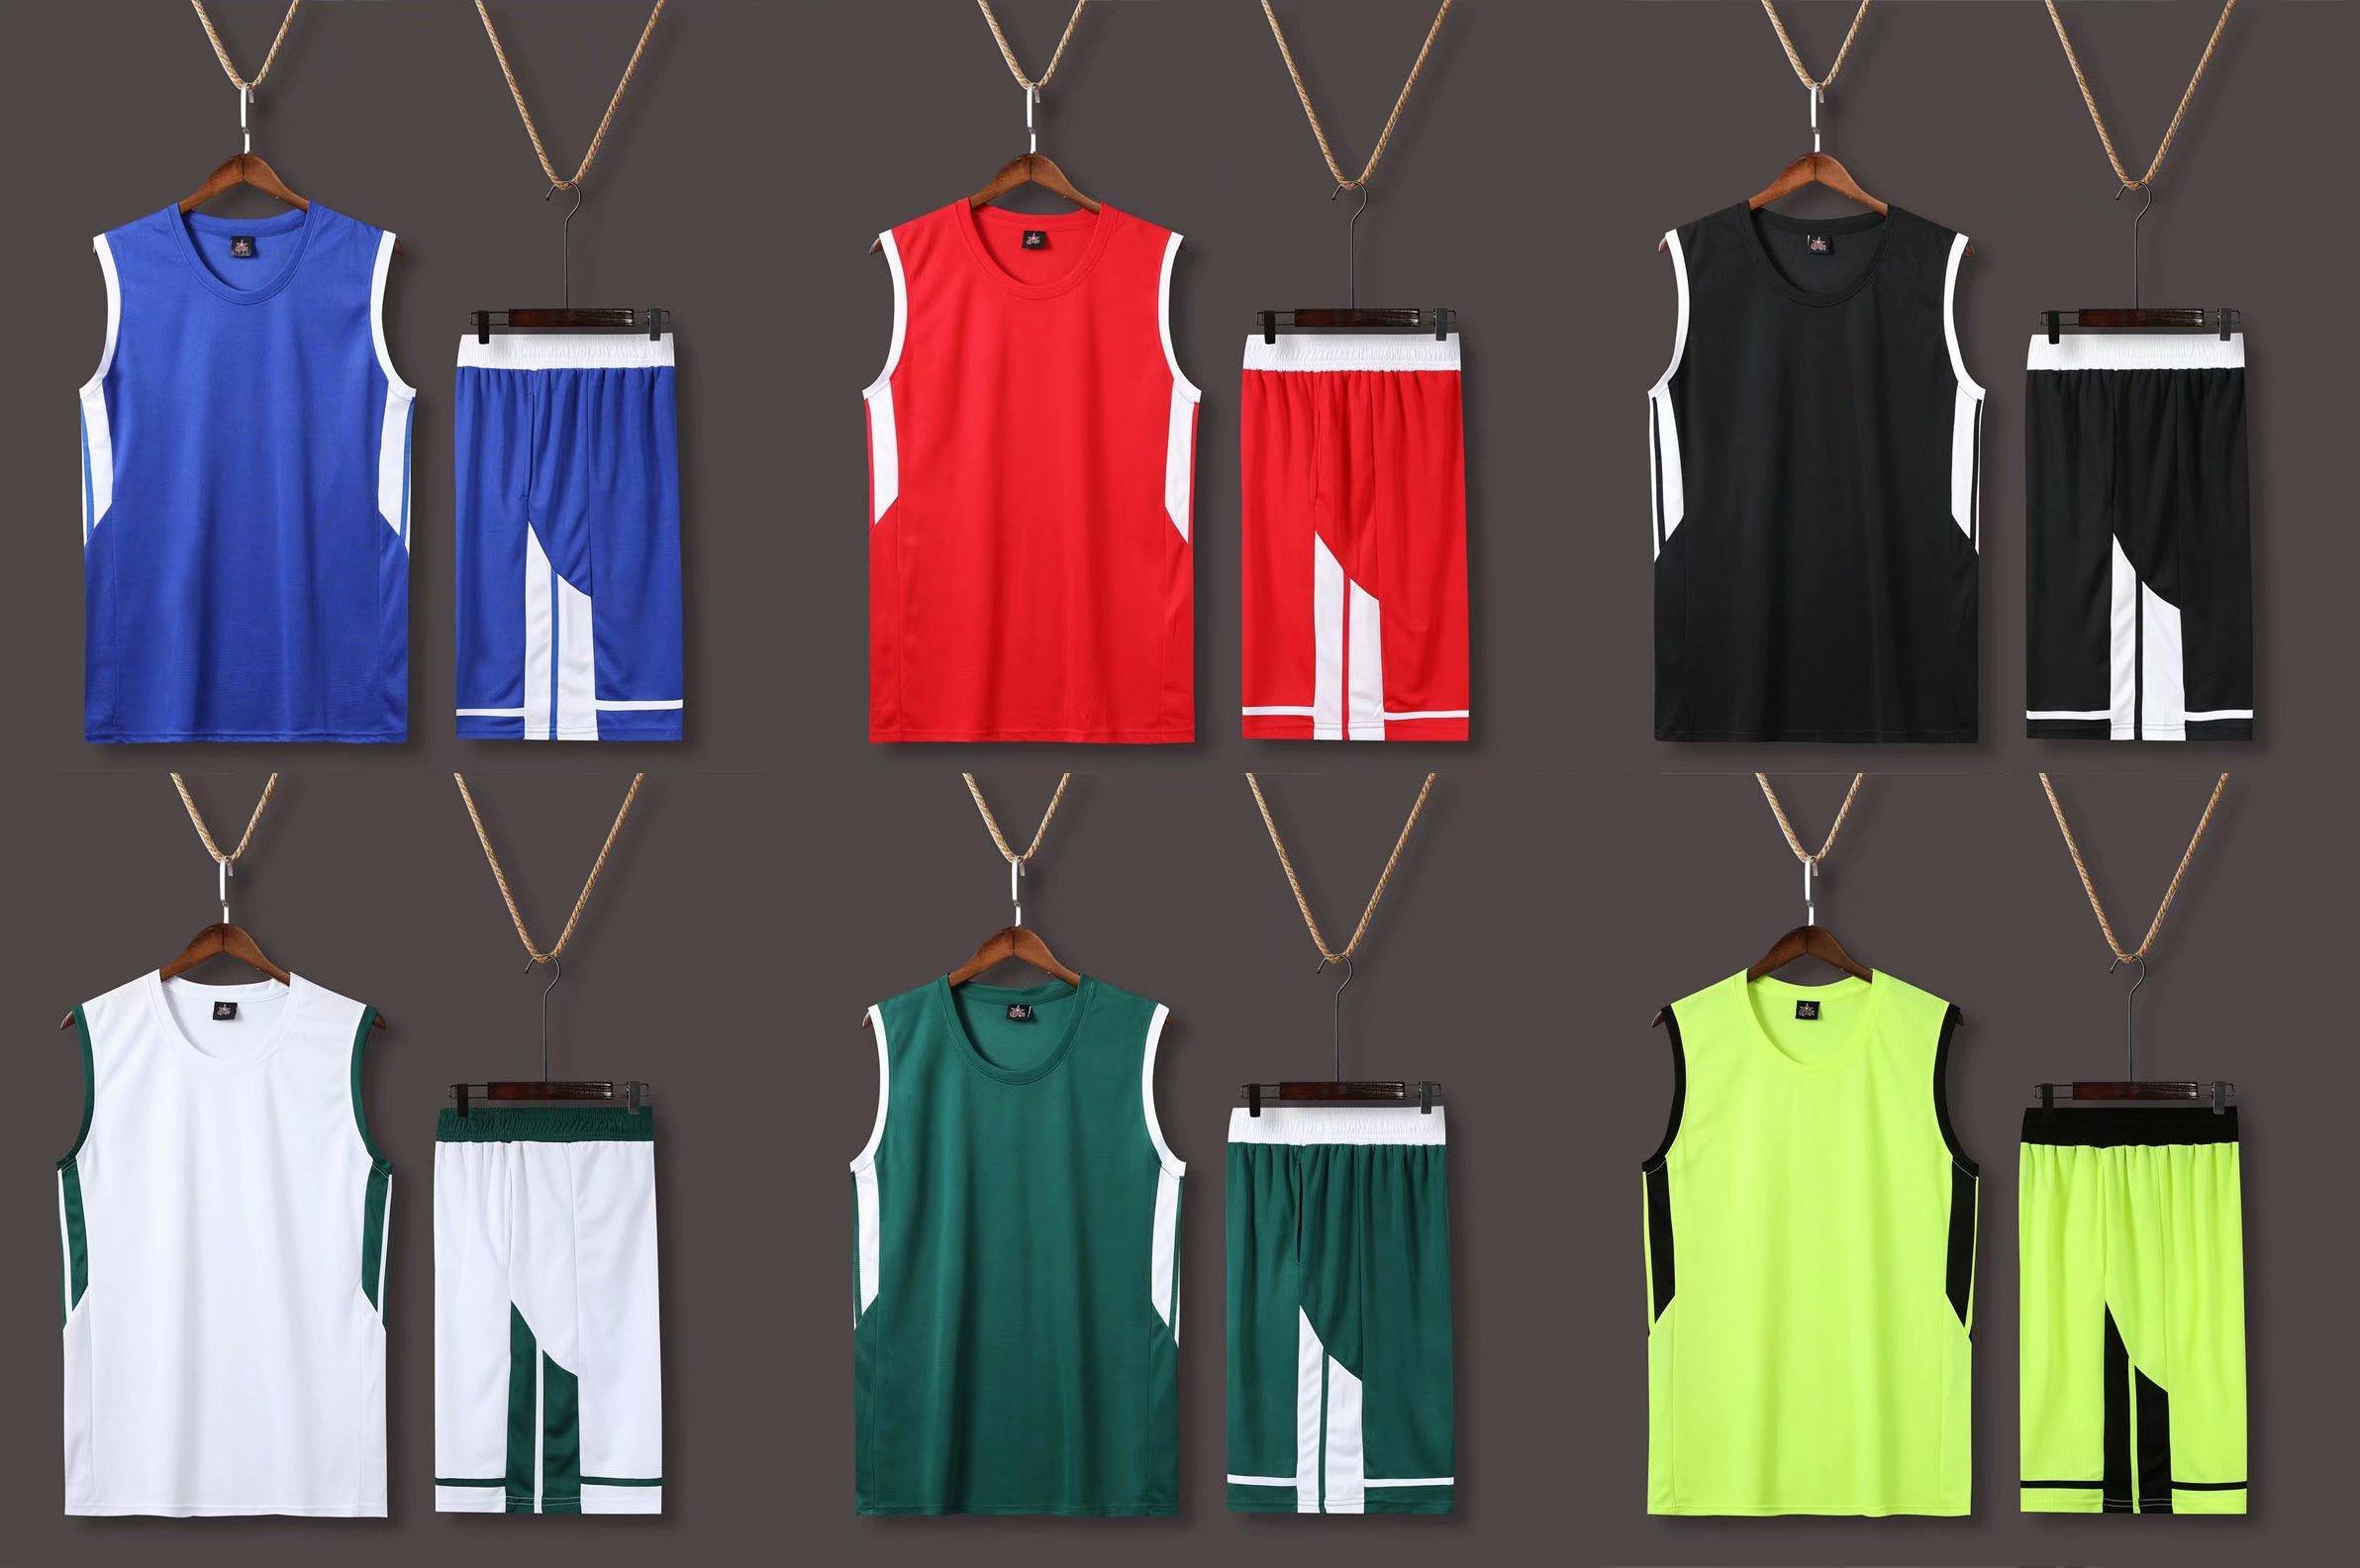 uniformes de basquete crianças, jovens, homens,, jérseis, treinamento, respirável, padrões personalizados e logotipos